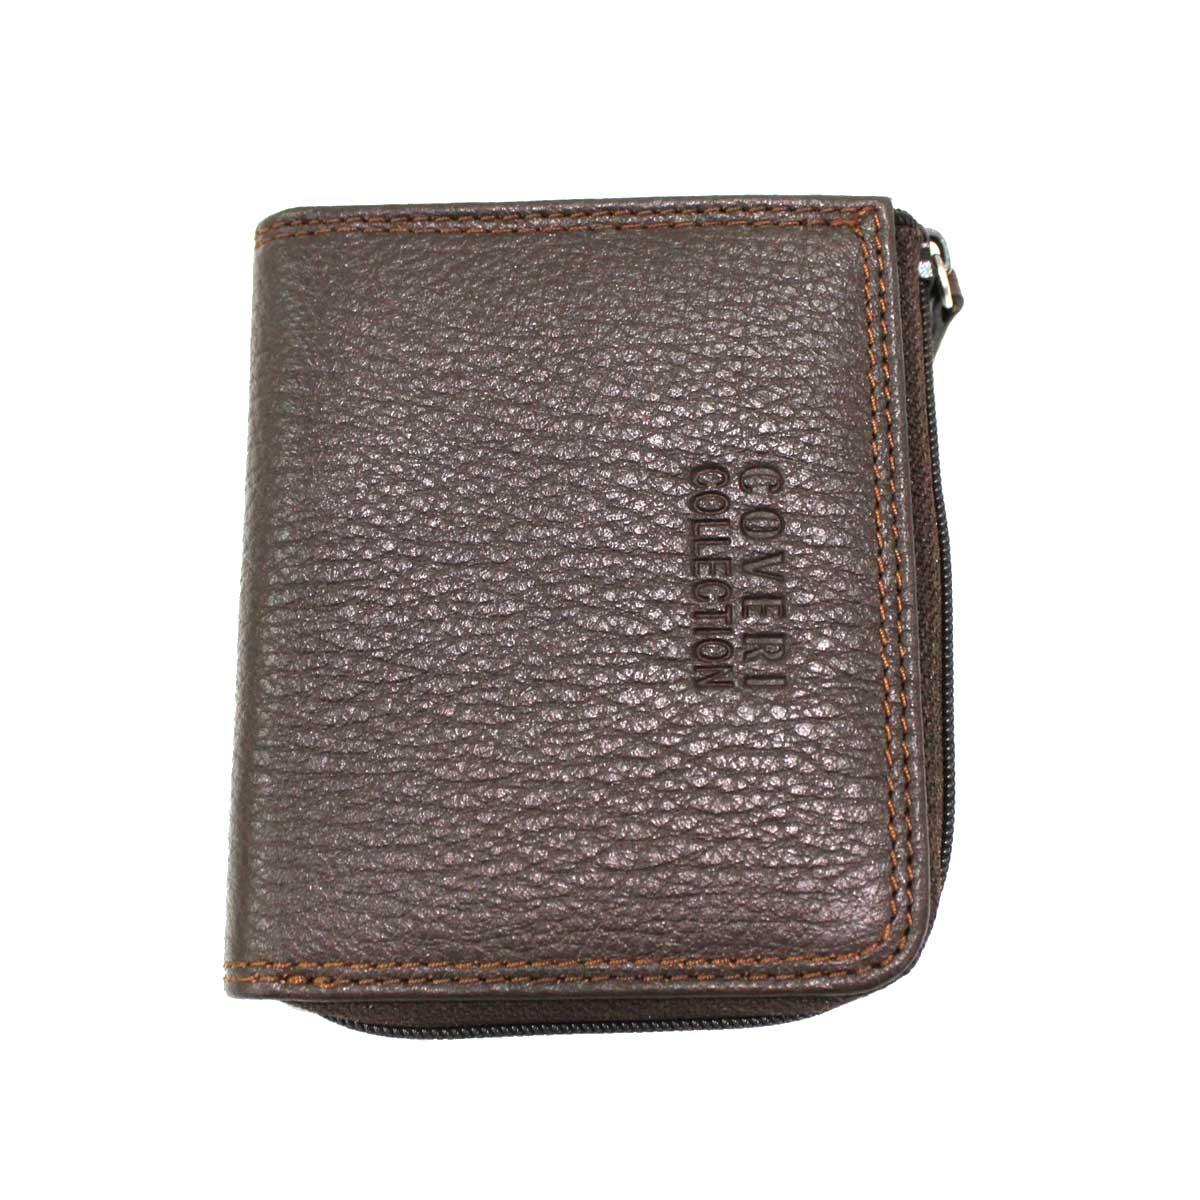 vendita calda online 2d1d5 ce698 Portamonete uomo pelle 3 scomparti modello piccolo Coveri Collection  217-265 brw